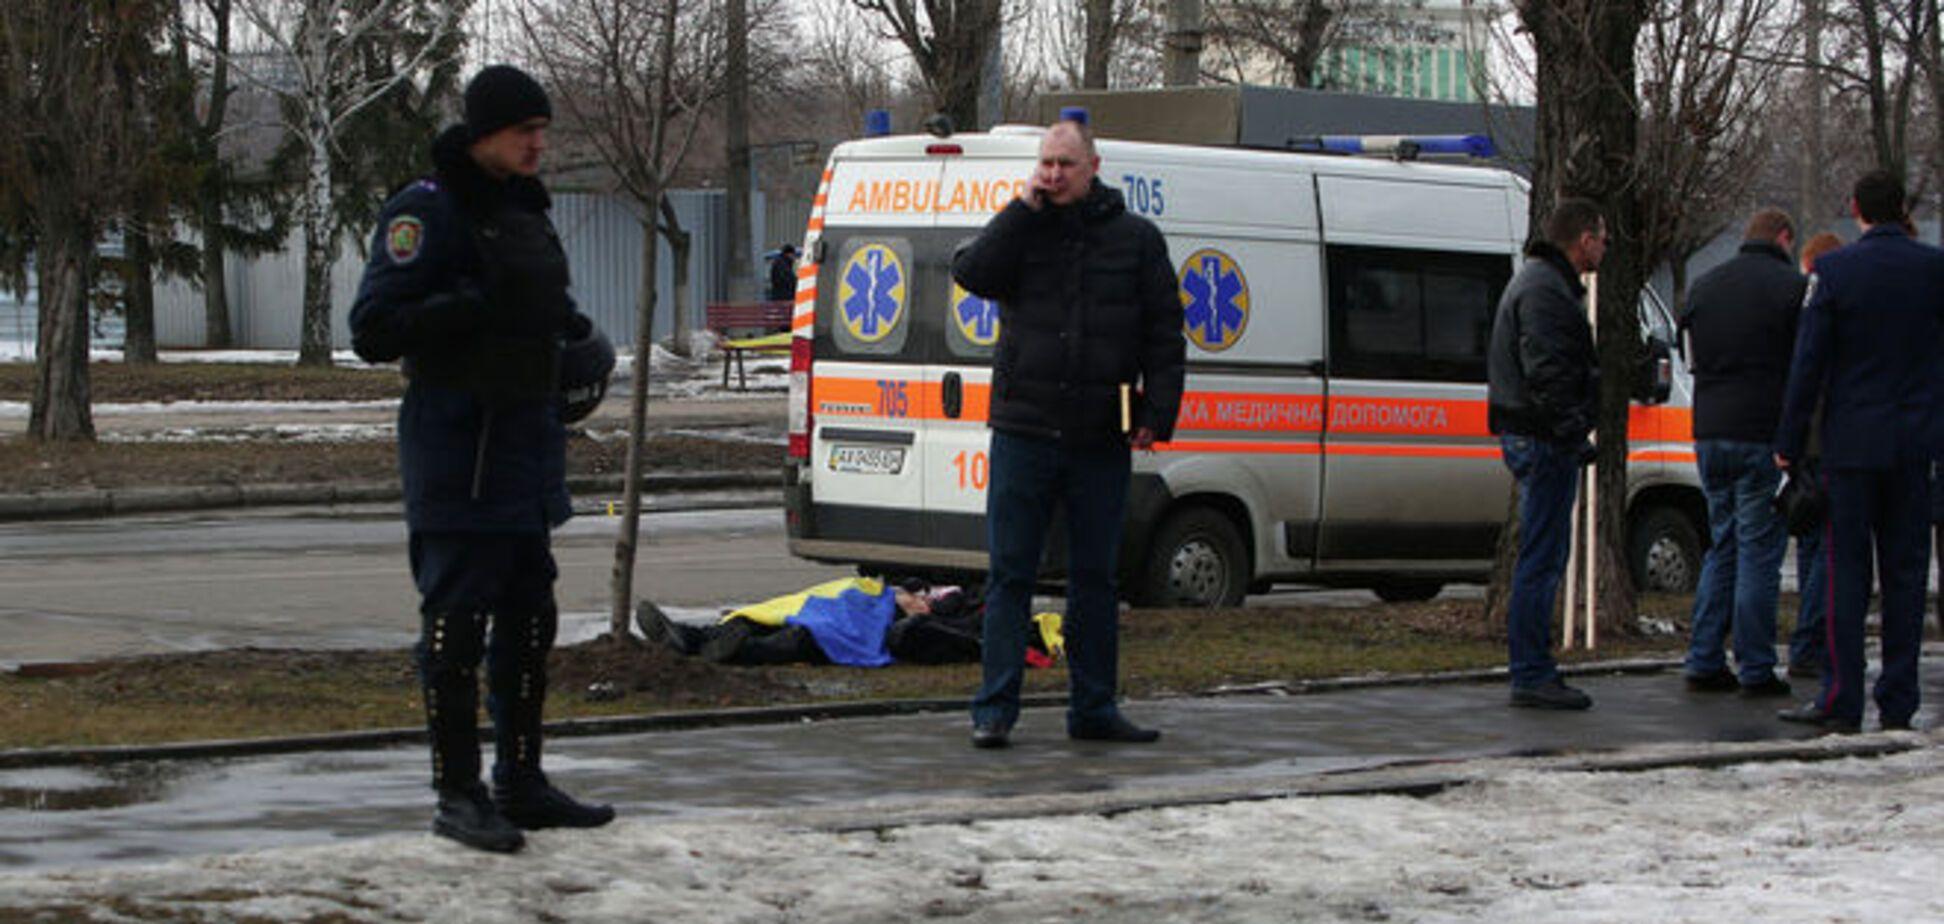 Спецоперация в Харькове: задержали еще одного подозреваемого в подготовке теракта